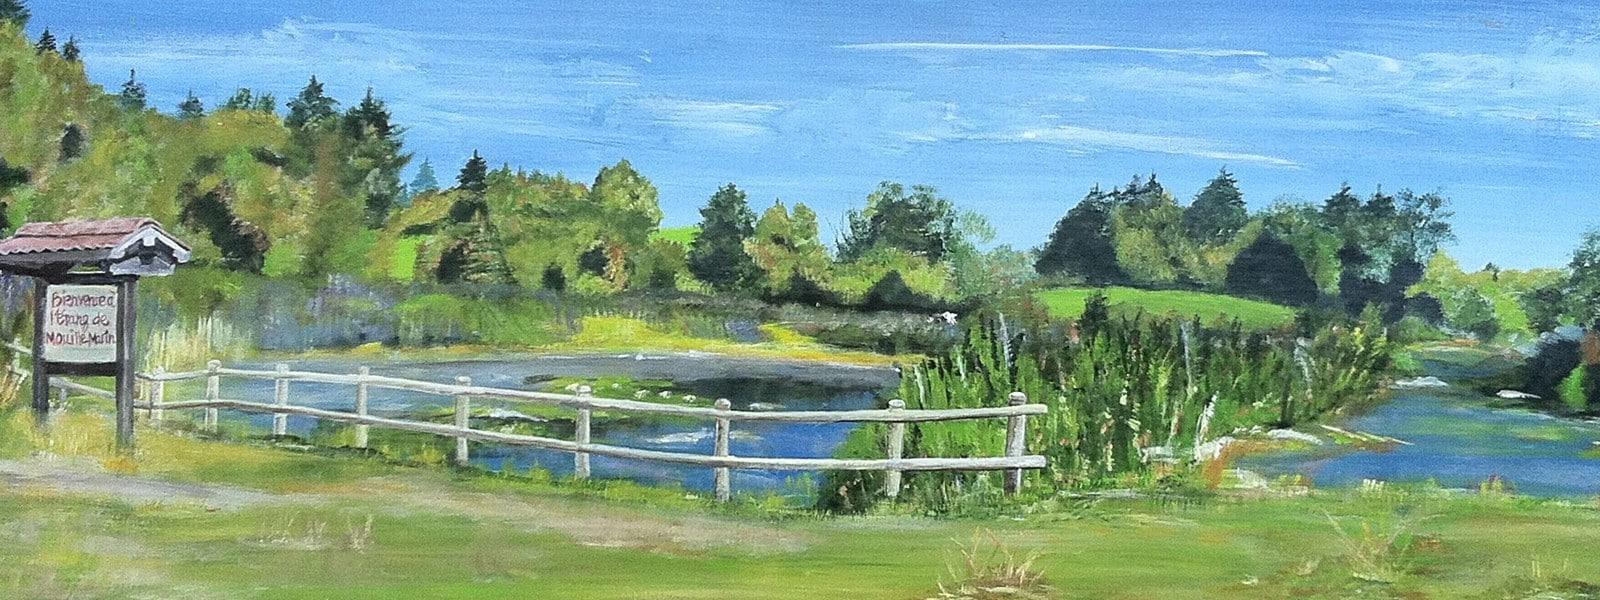 Peinture de l'étang de Mouille Marin réalisée par Denise Chamot